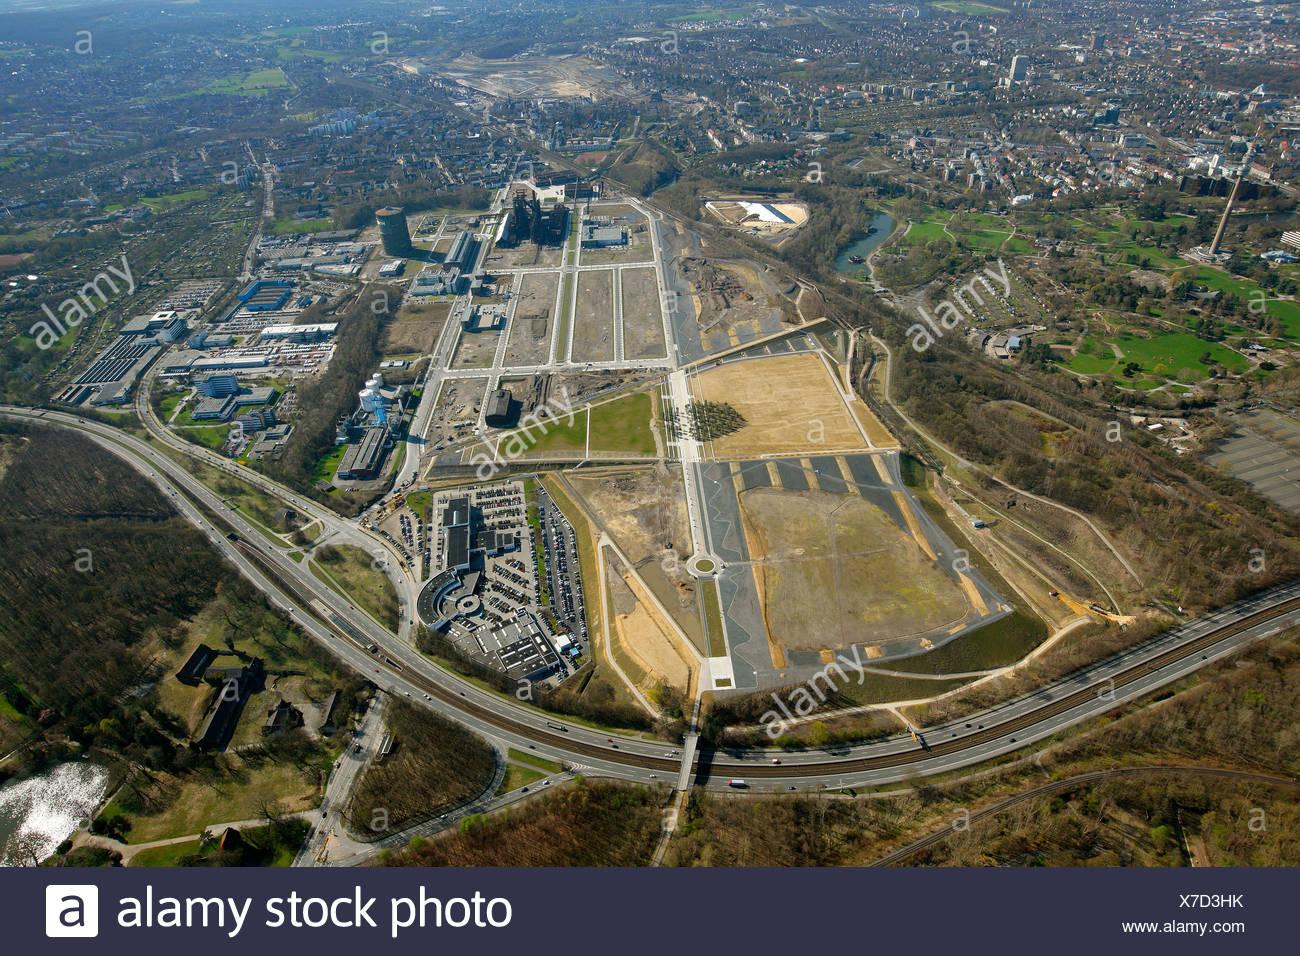 Aerial view, Phoenix-See or Phoenix Ost recreational lake construction site, Hoerde, , Ruhrgebiet region, North Rhine-Westphalia - Stock Image